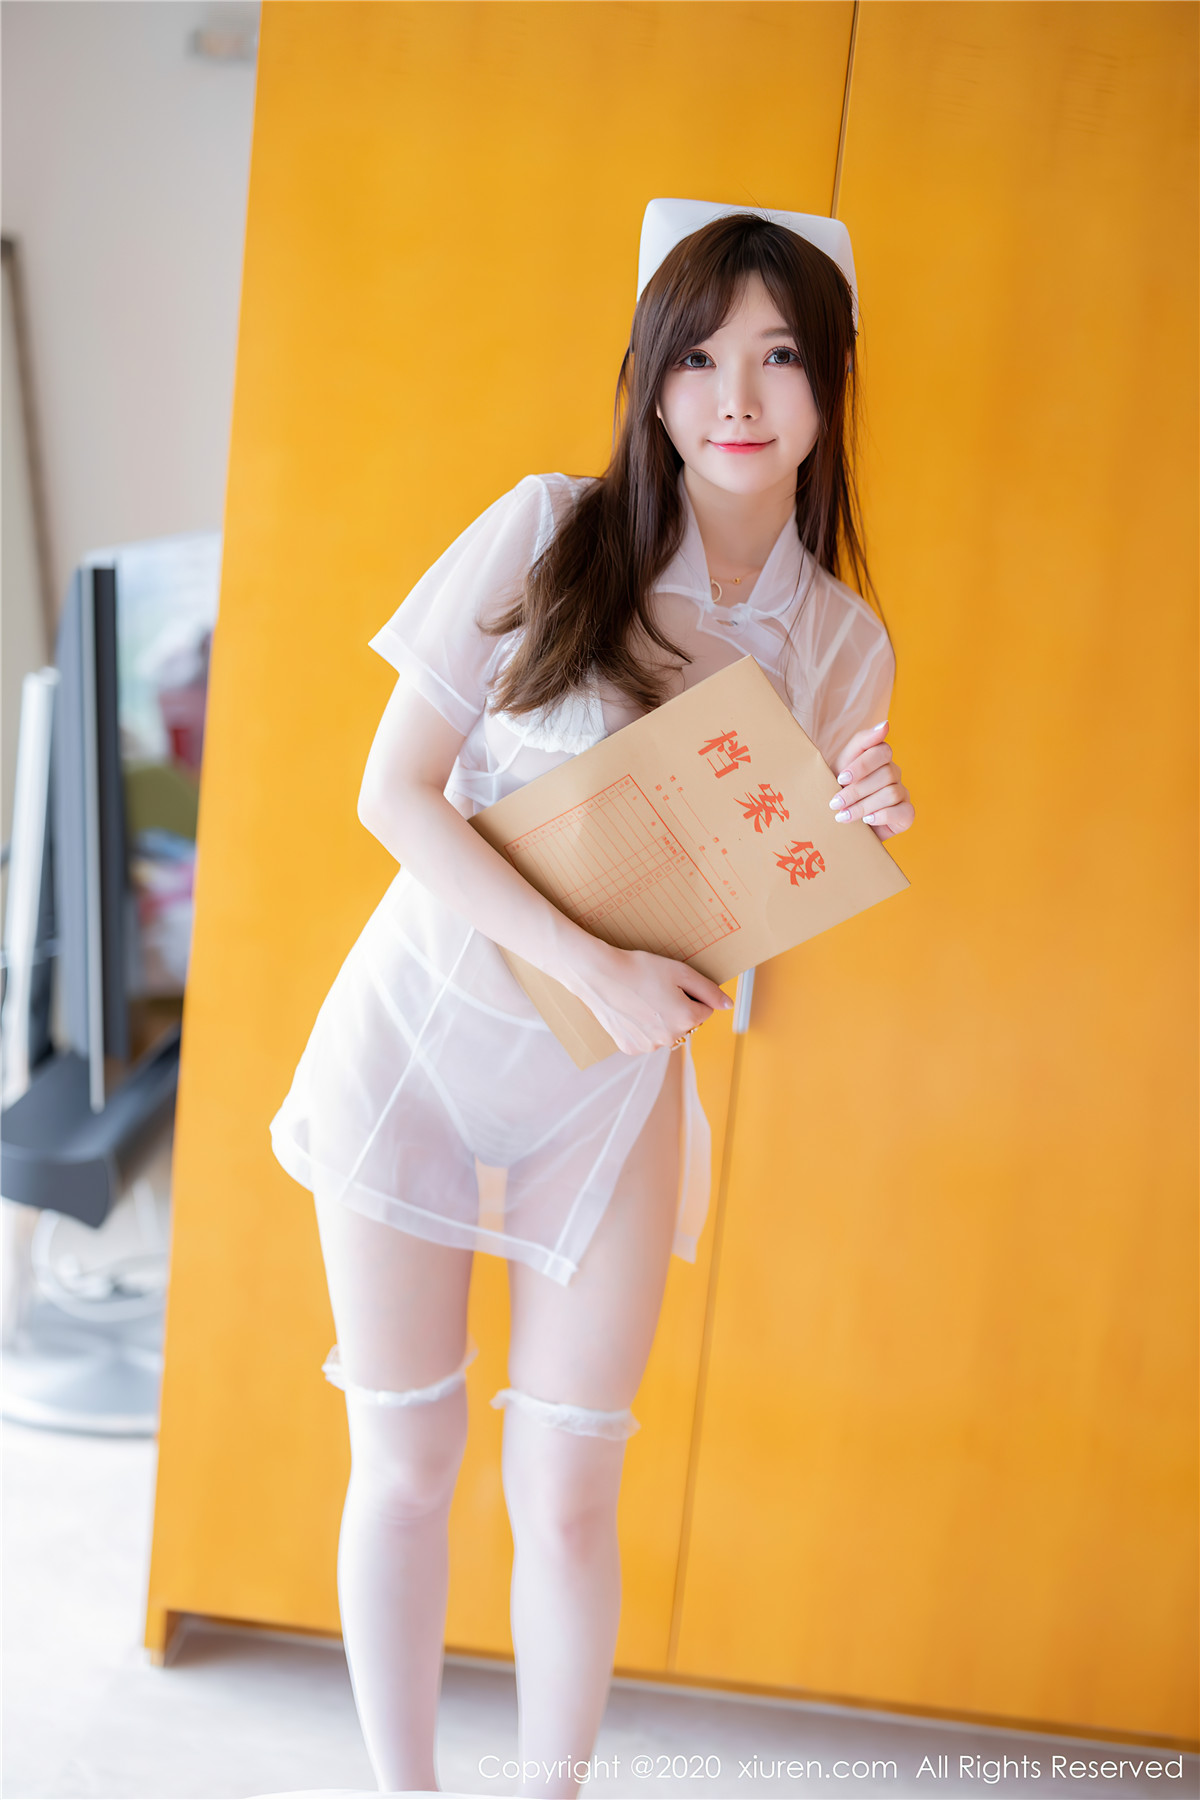 糯美子MiniBabe – 可爱与性感完美结合的写真女神插图1